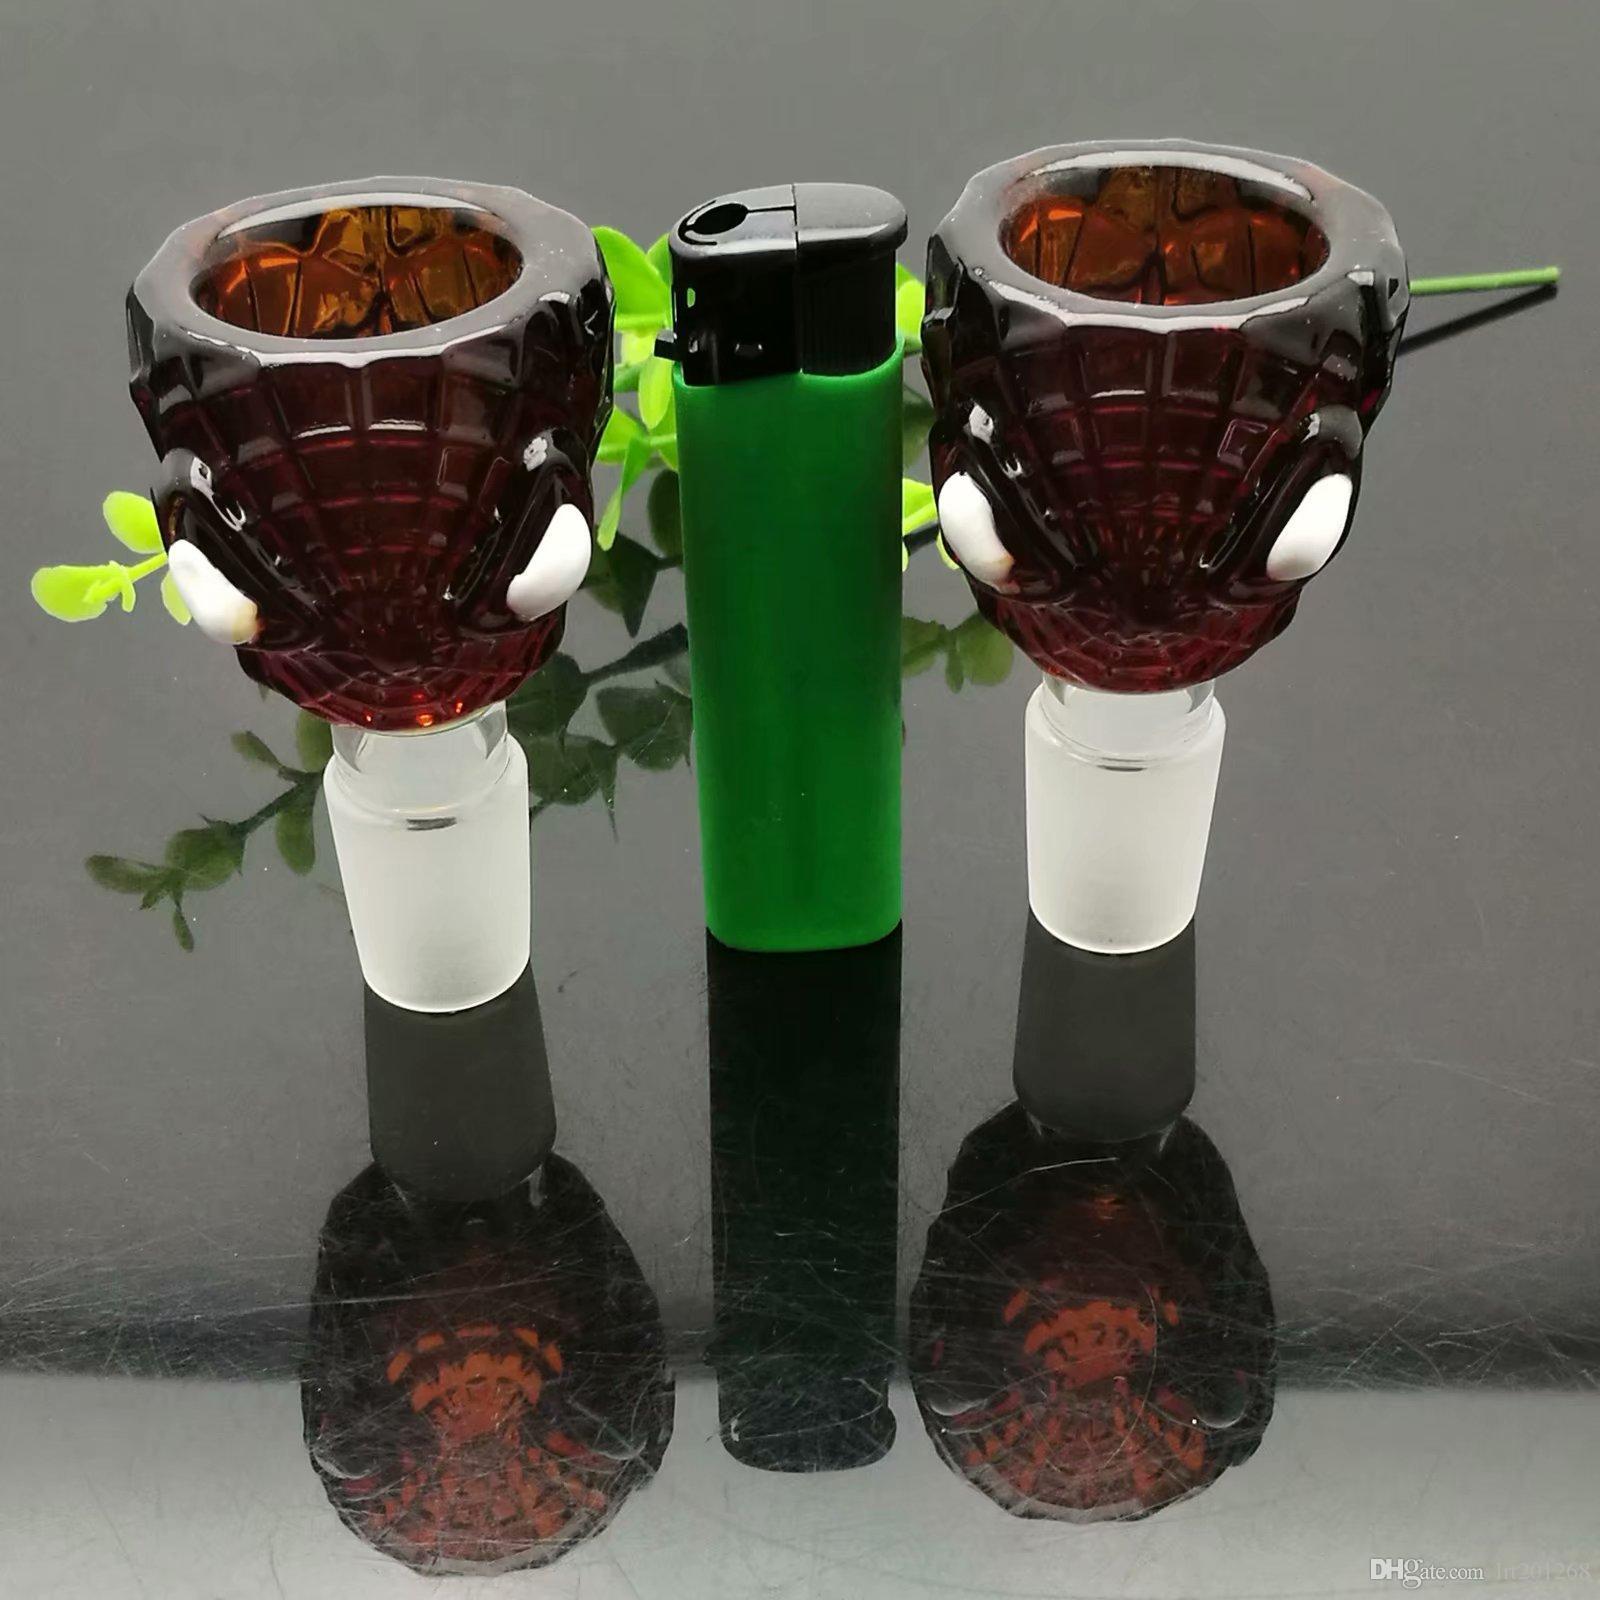 cartone animato a colori adattatore della sigaretta di vetro del modello all'ingrosso Pipes bicchiere d'acqua Accessori Tabacco vetro Ash Catcher